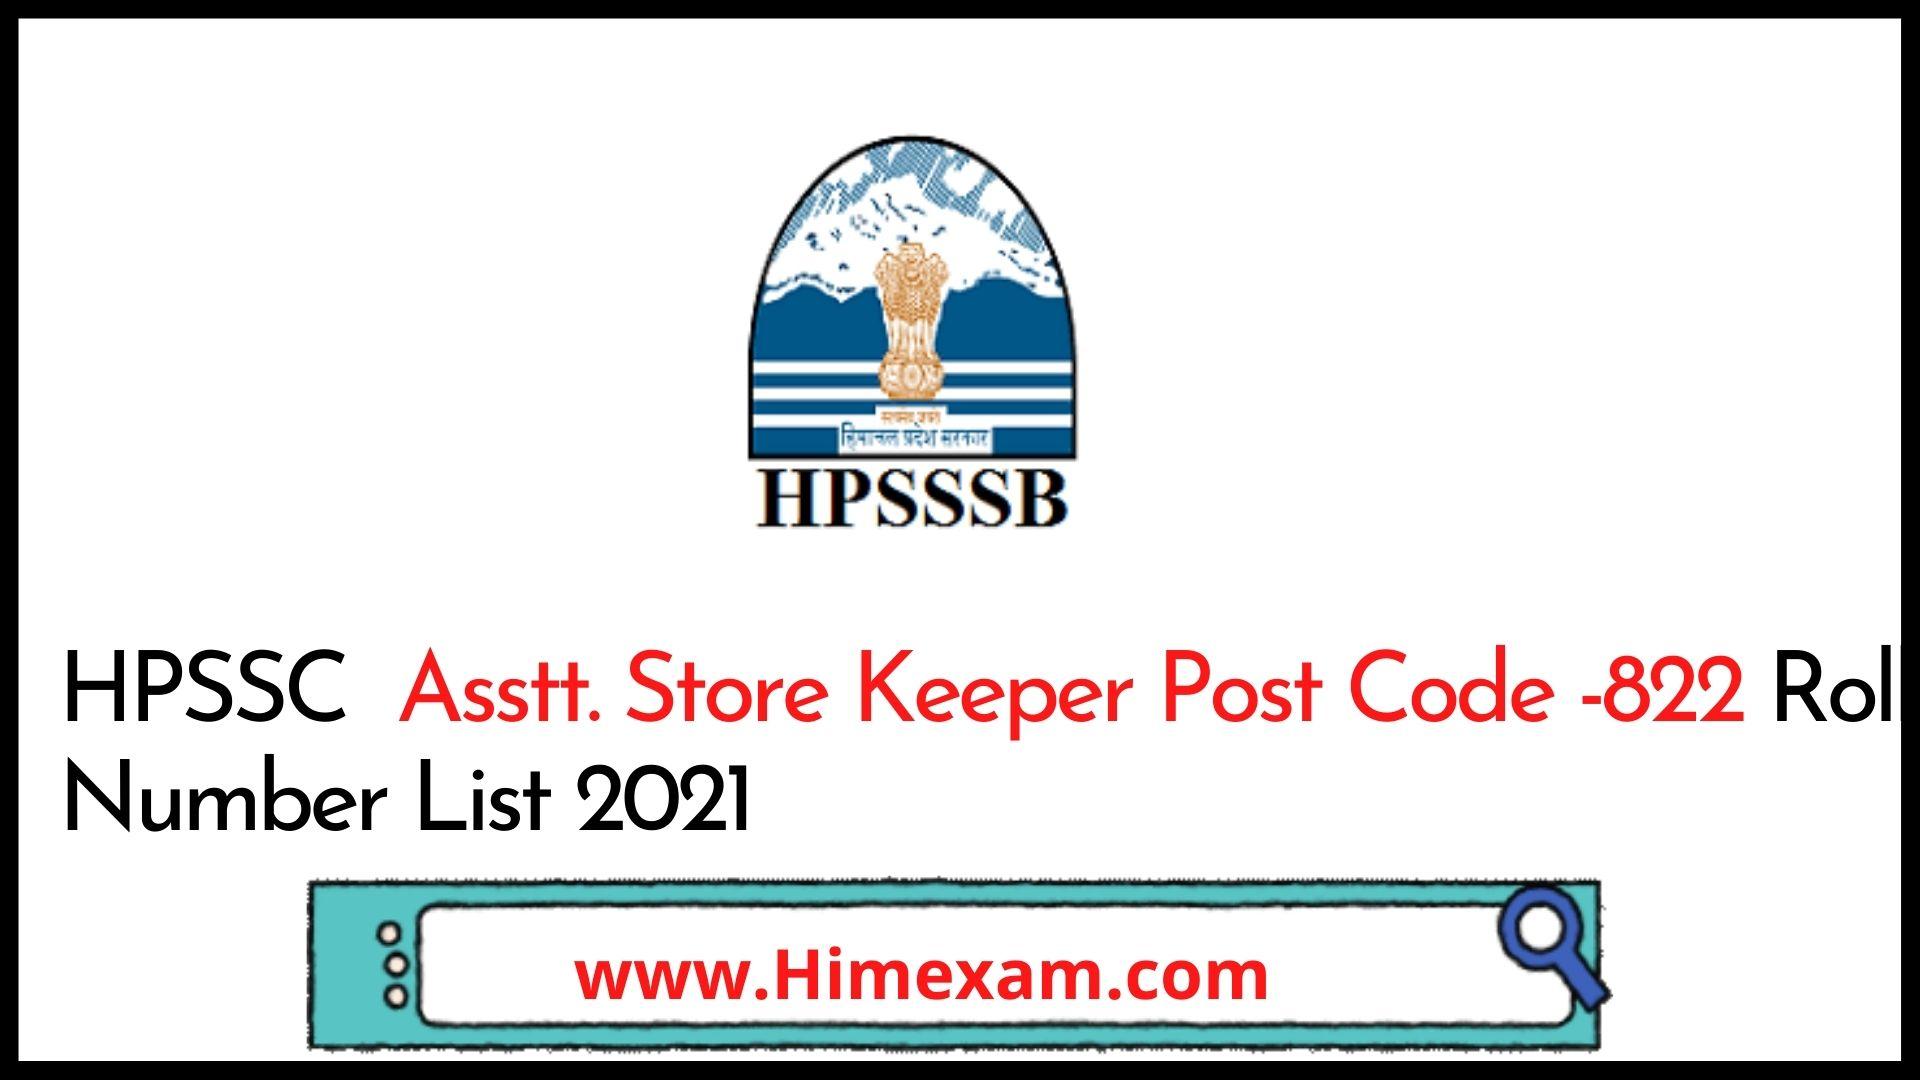 HPSSC  Asstt. Store Keeper Post Code -822 Roll Number List 2021